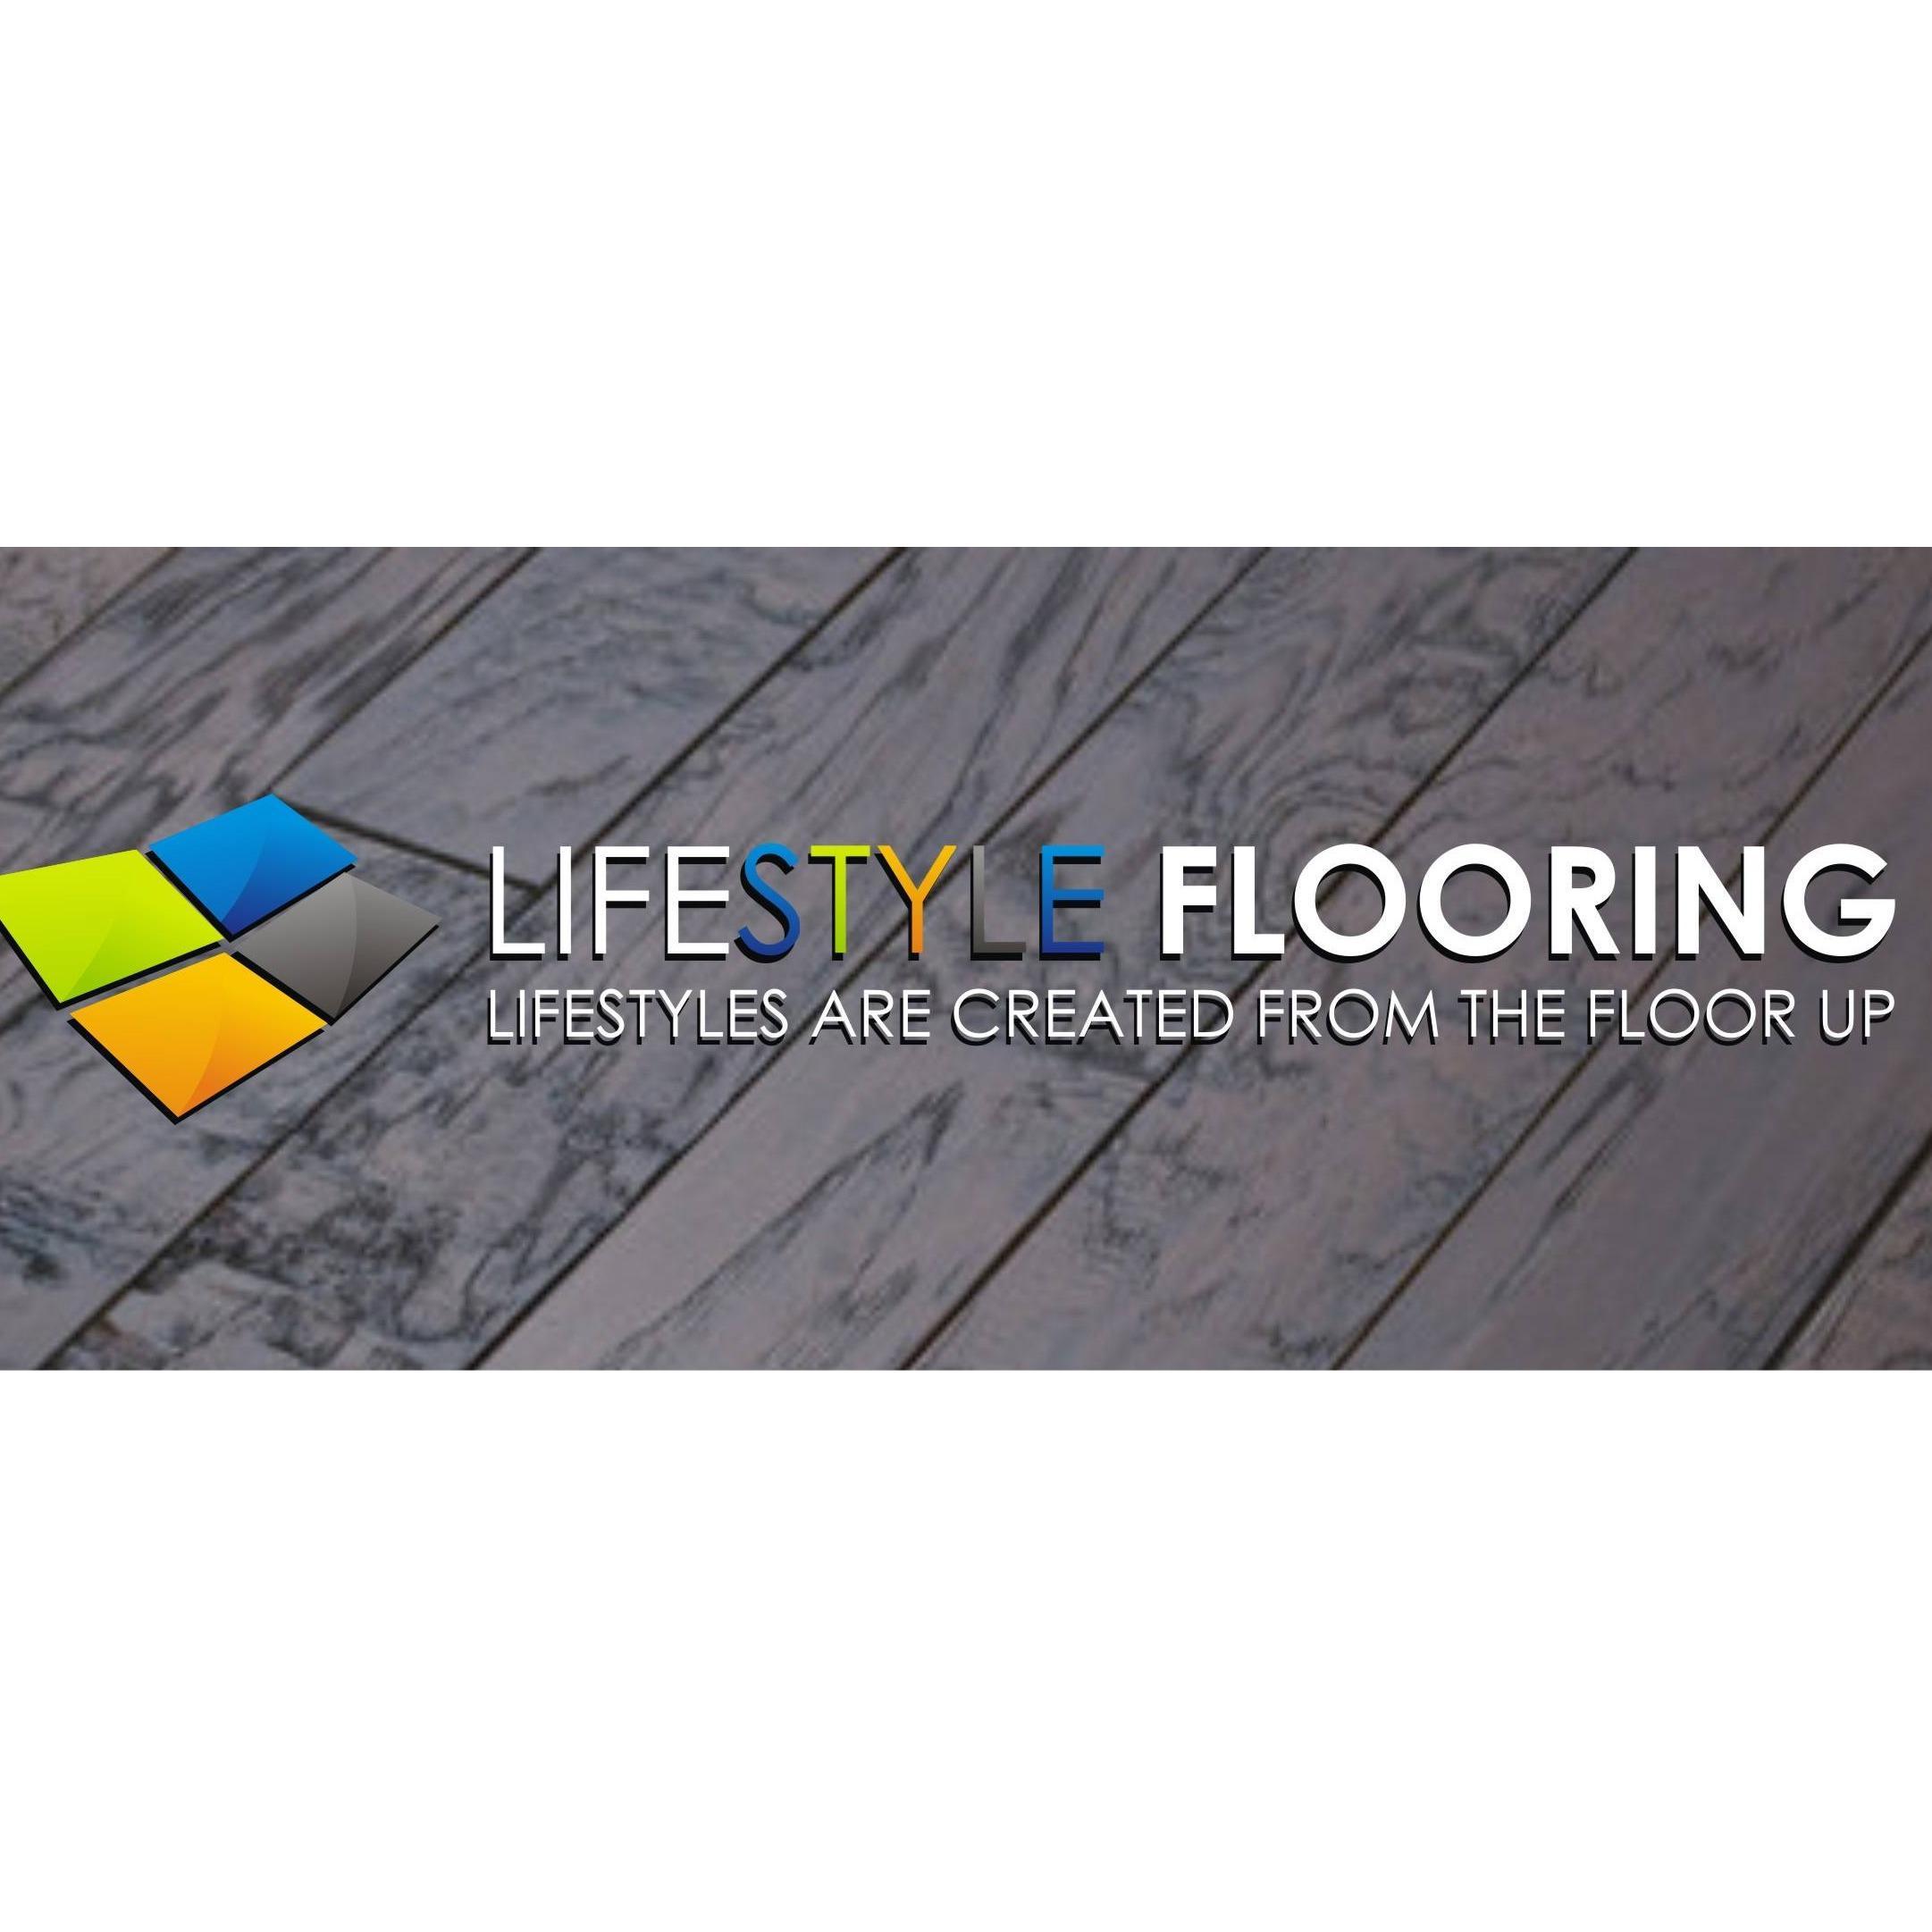 Lifestyle Flooring, Inc. image 0